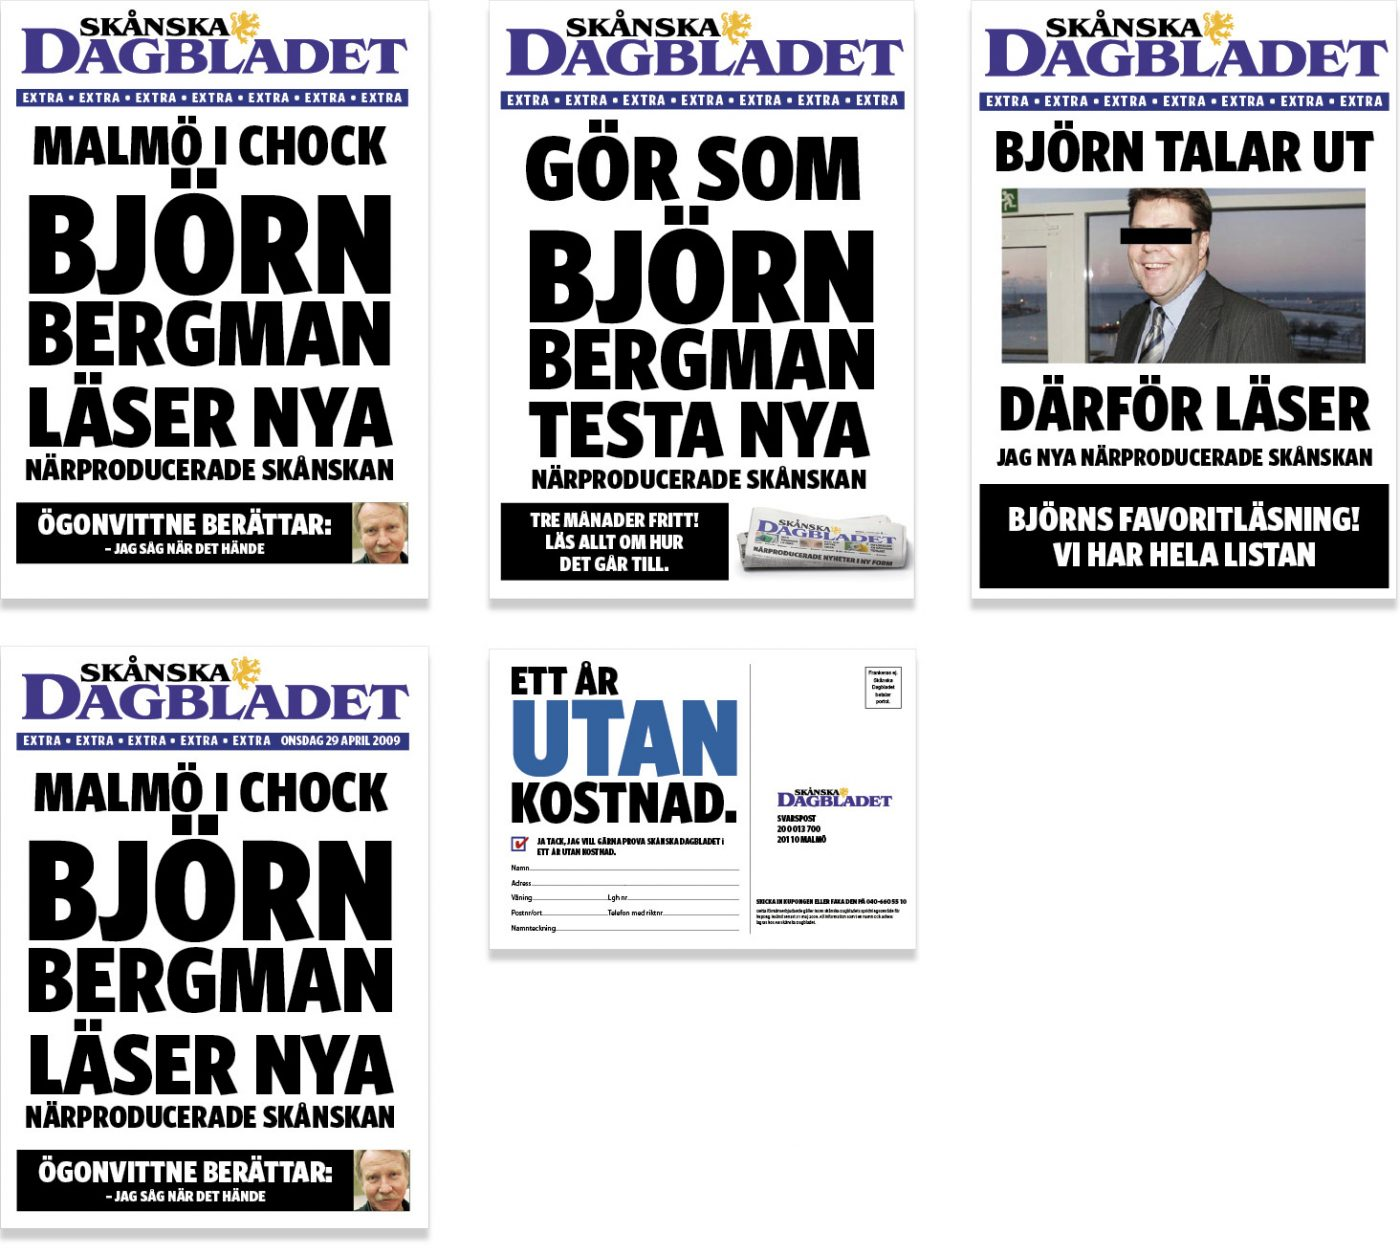 Skånska Dagbladet Gerillamarknadsföring